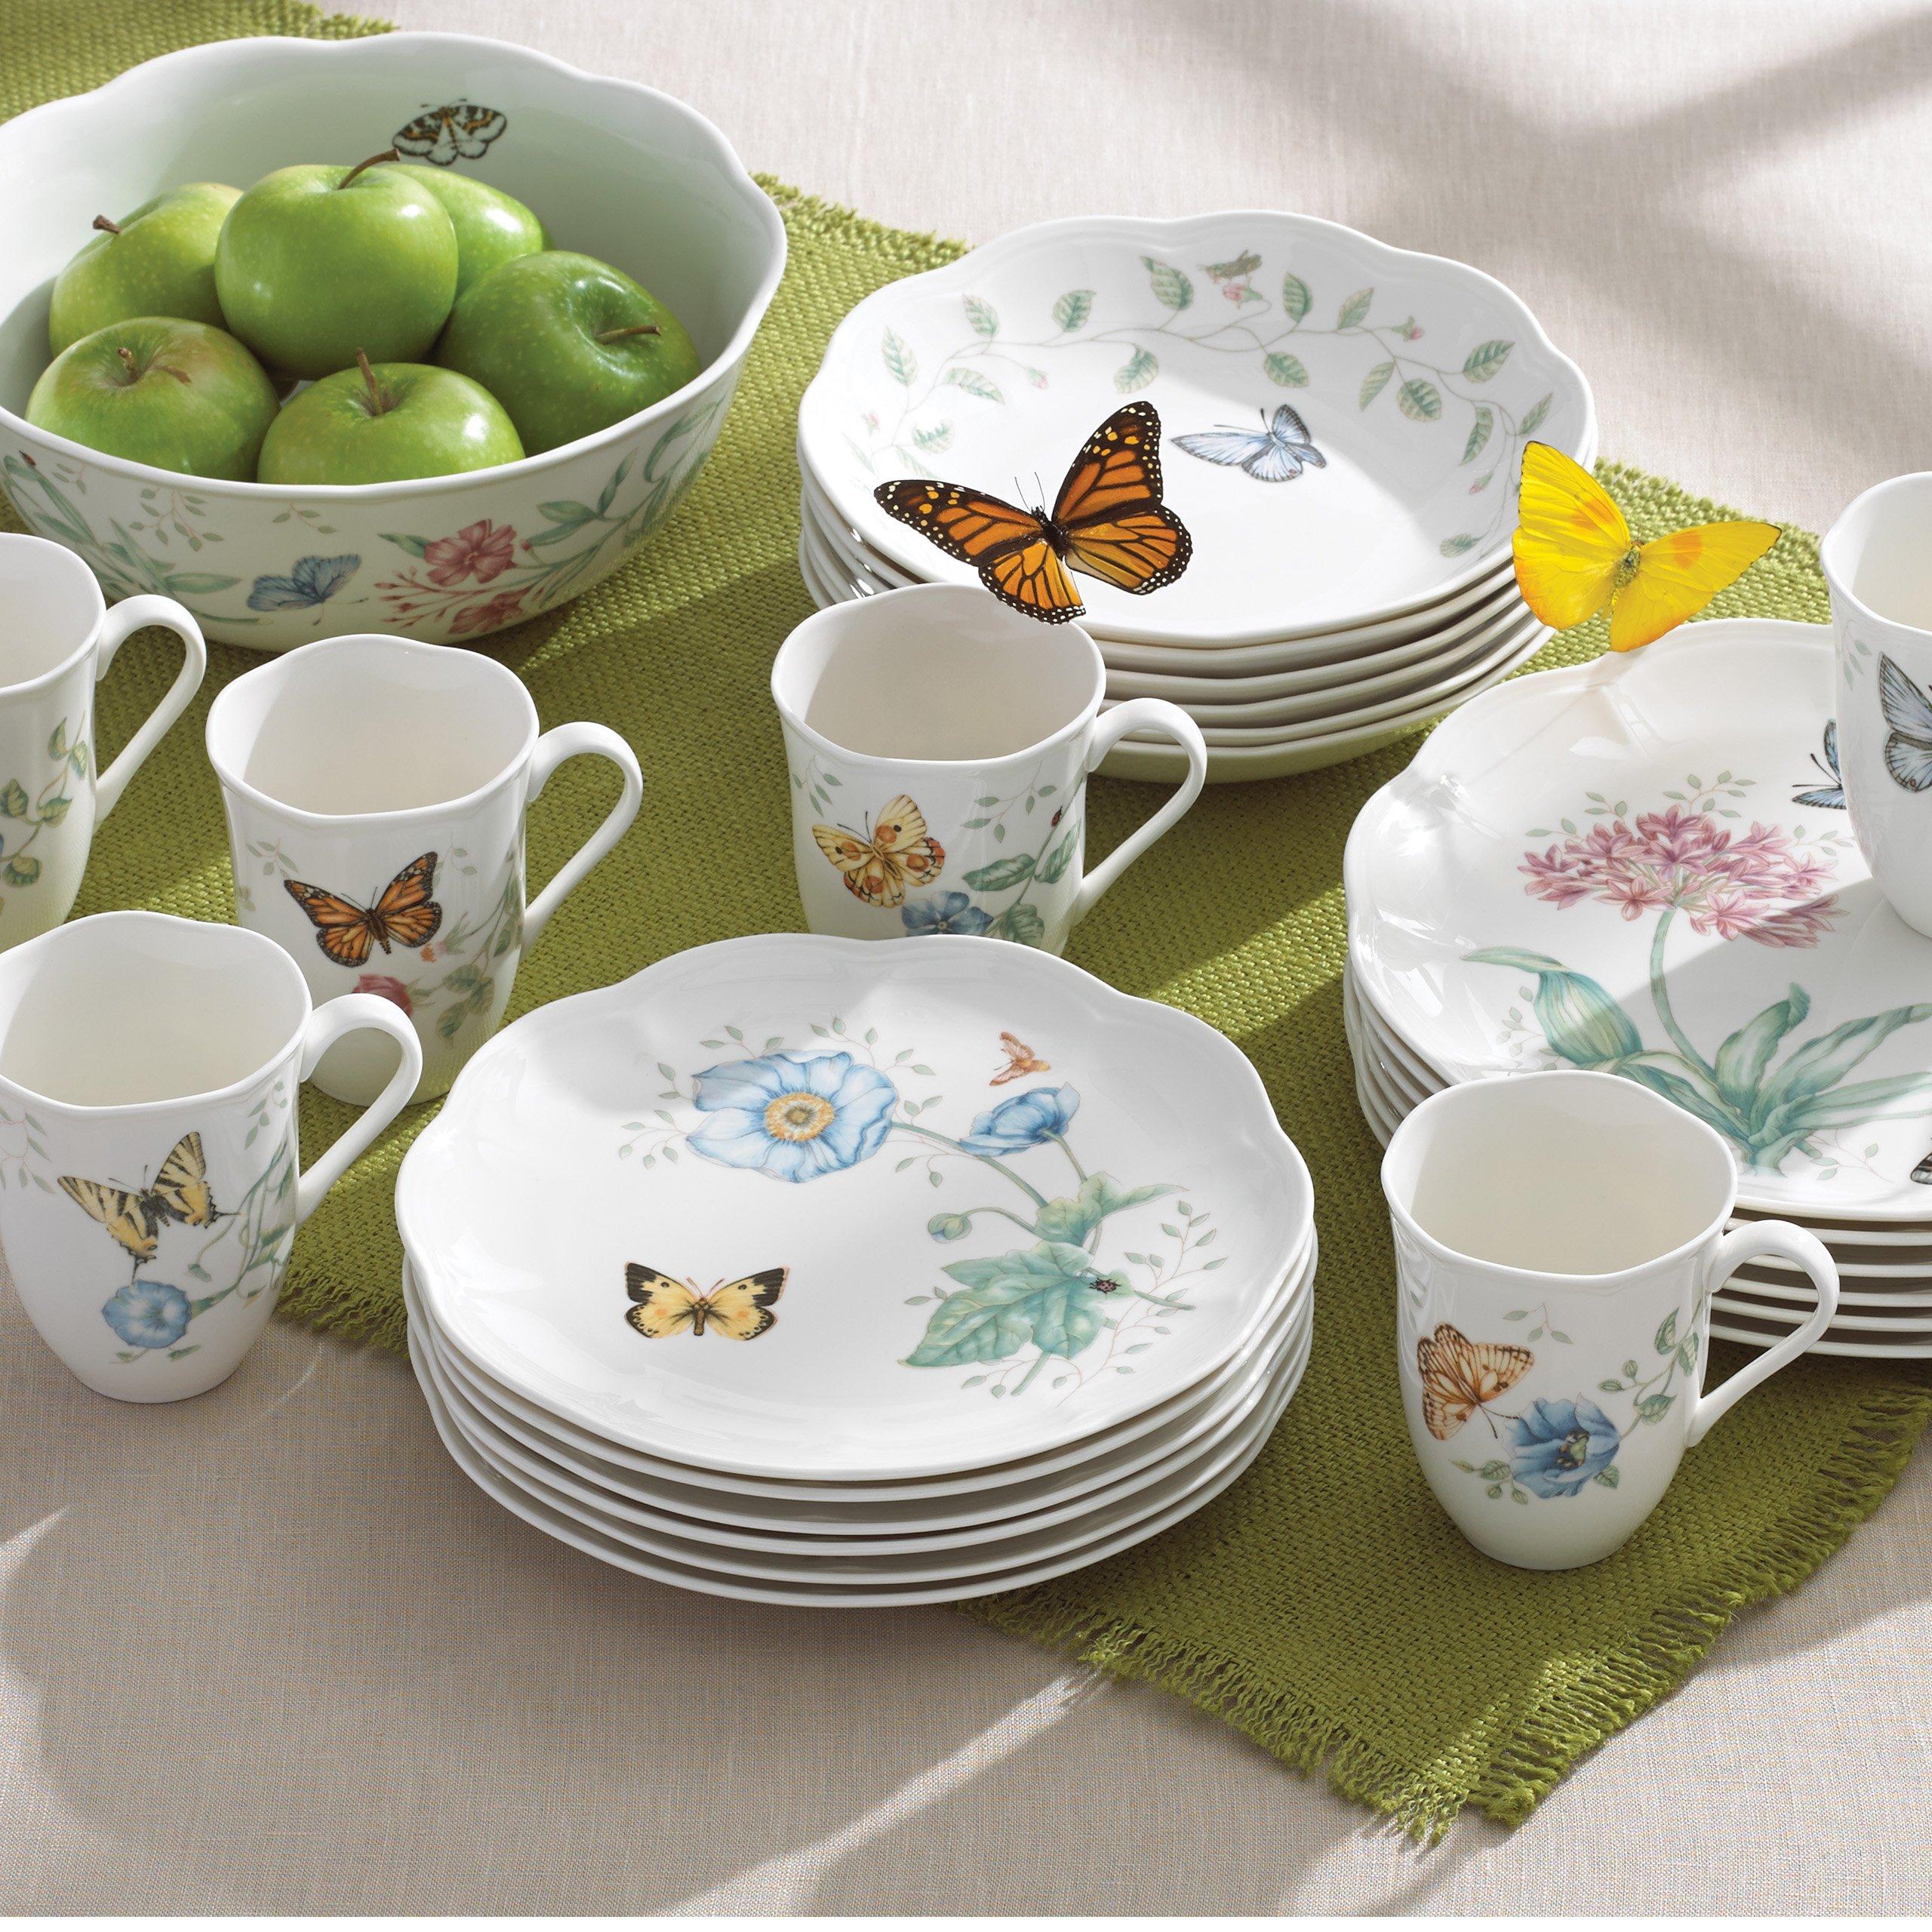 Lenox-Butterfly-Meadow-18-Piece-Dinnerware-Set-Service- & Lenox Butterfly Meadow 18-Piece Dinnerware Set Service for 6 | eBay